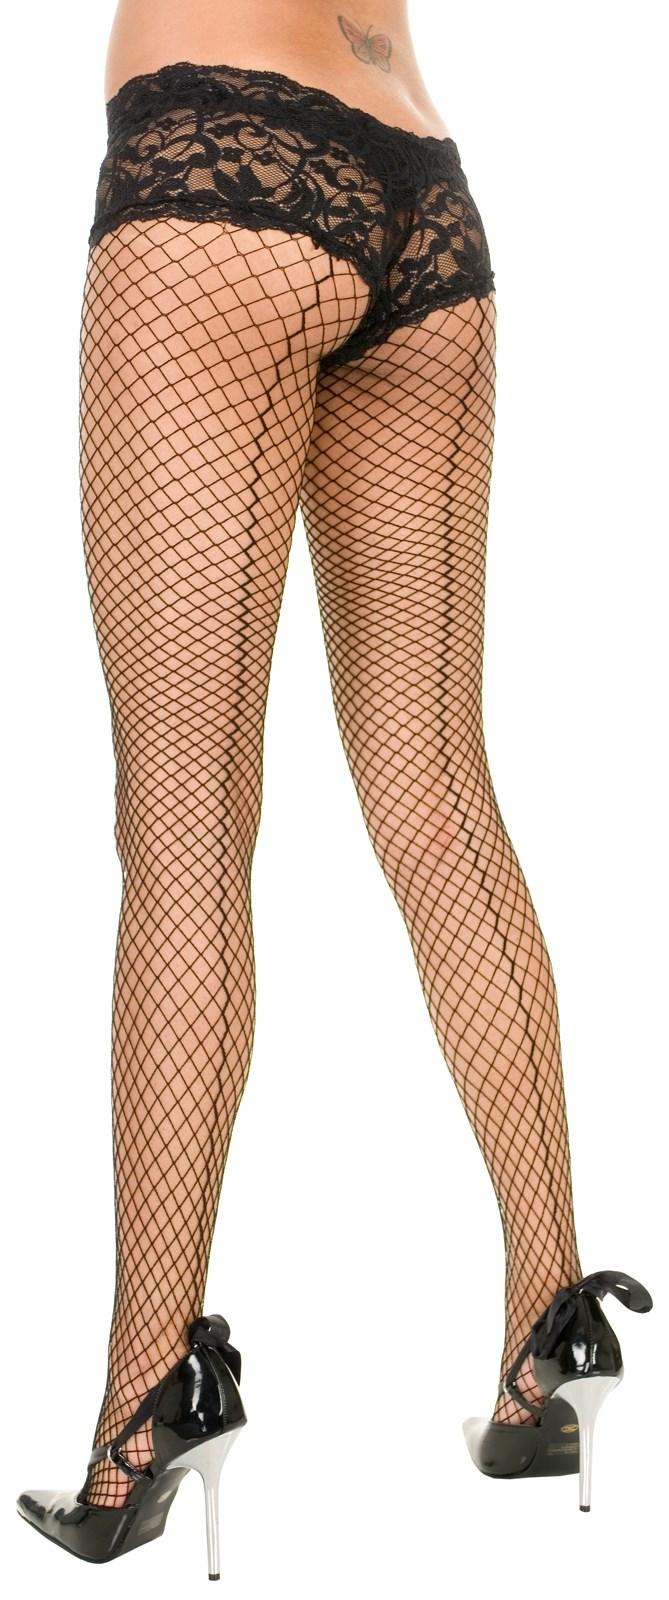 Image of Backseam Fence Net Pantyhose (Adult)